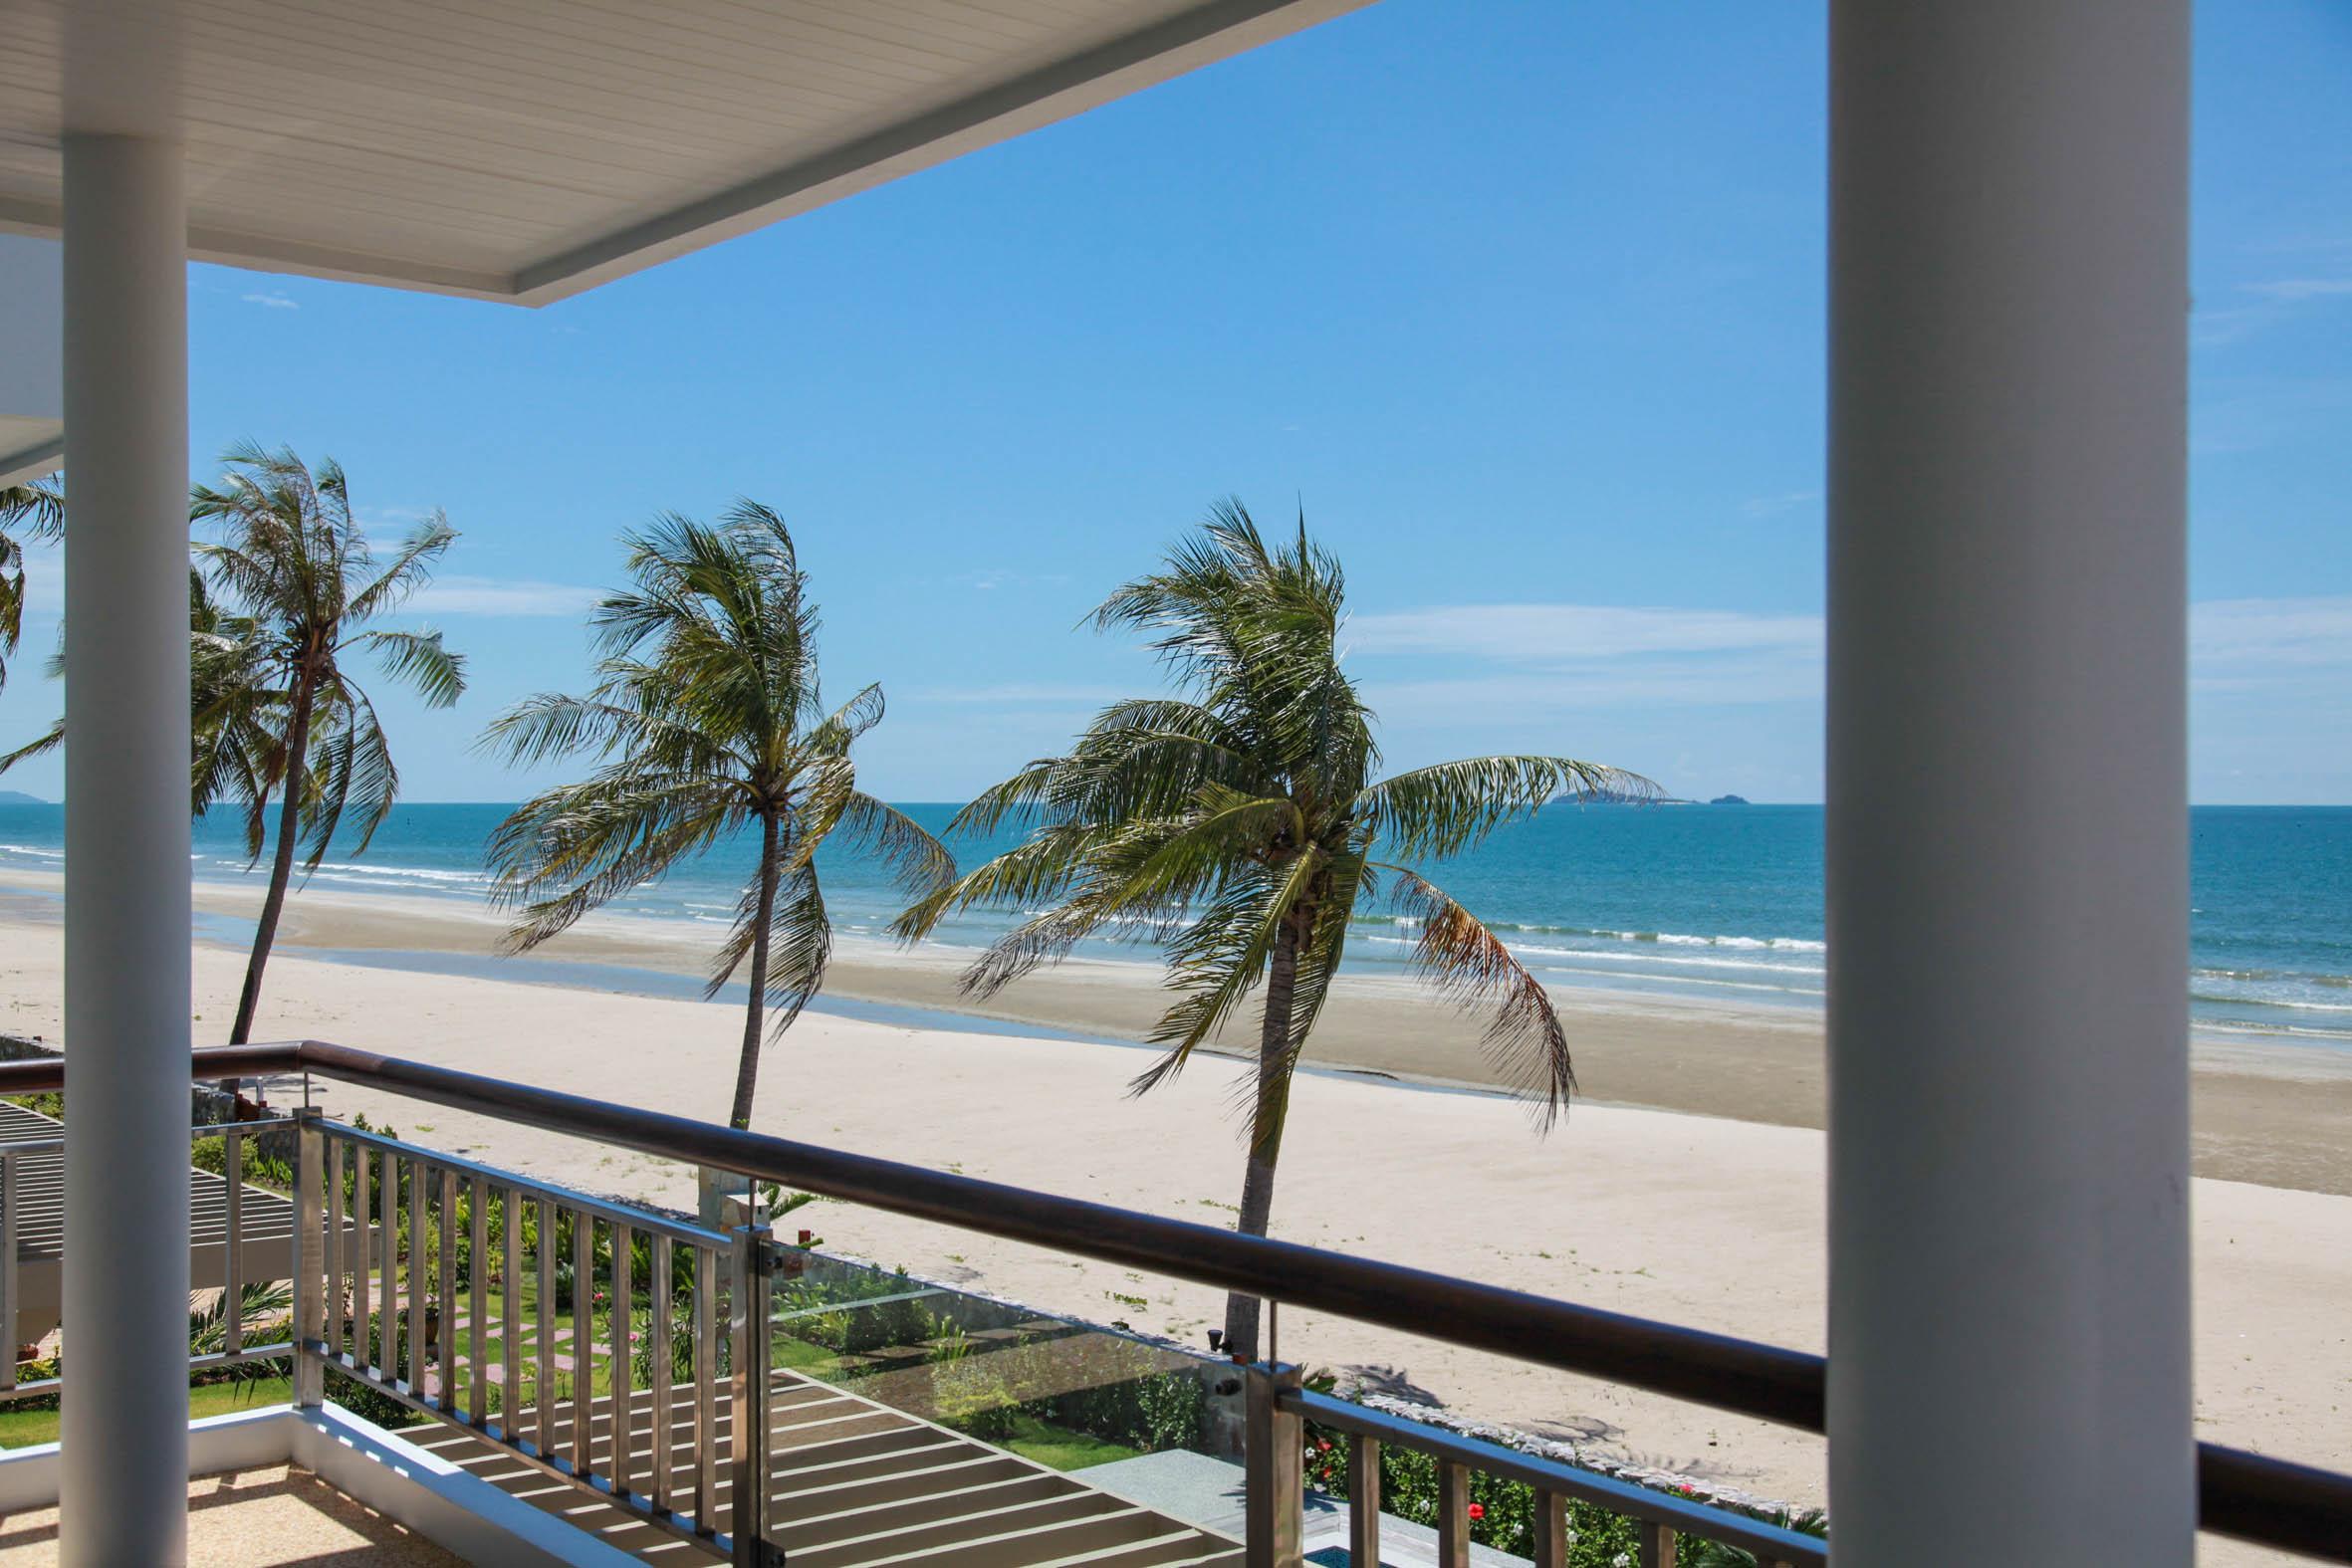 Utsikt från master-bedrooms balkong.